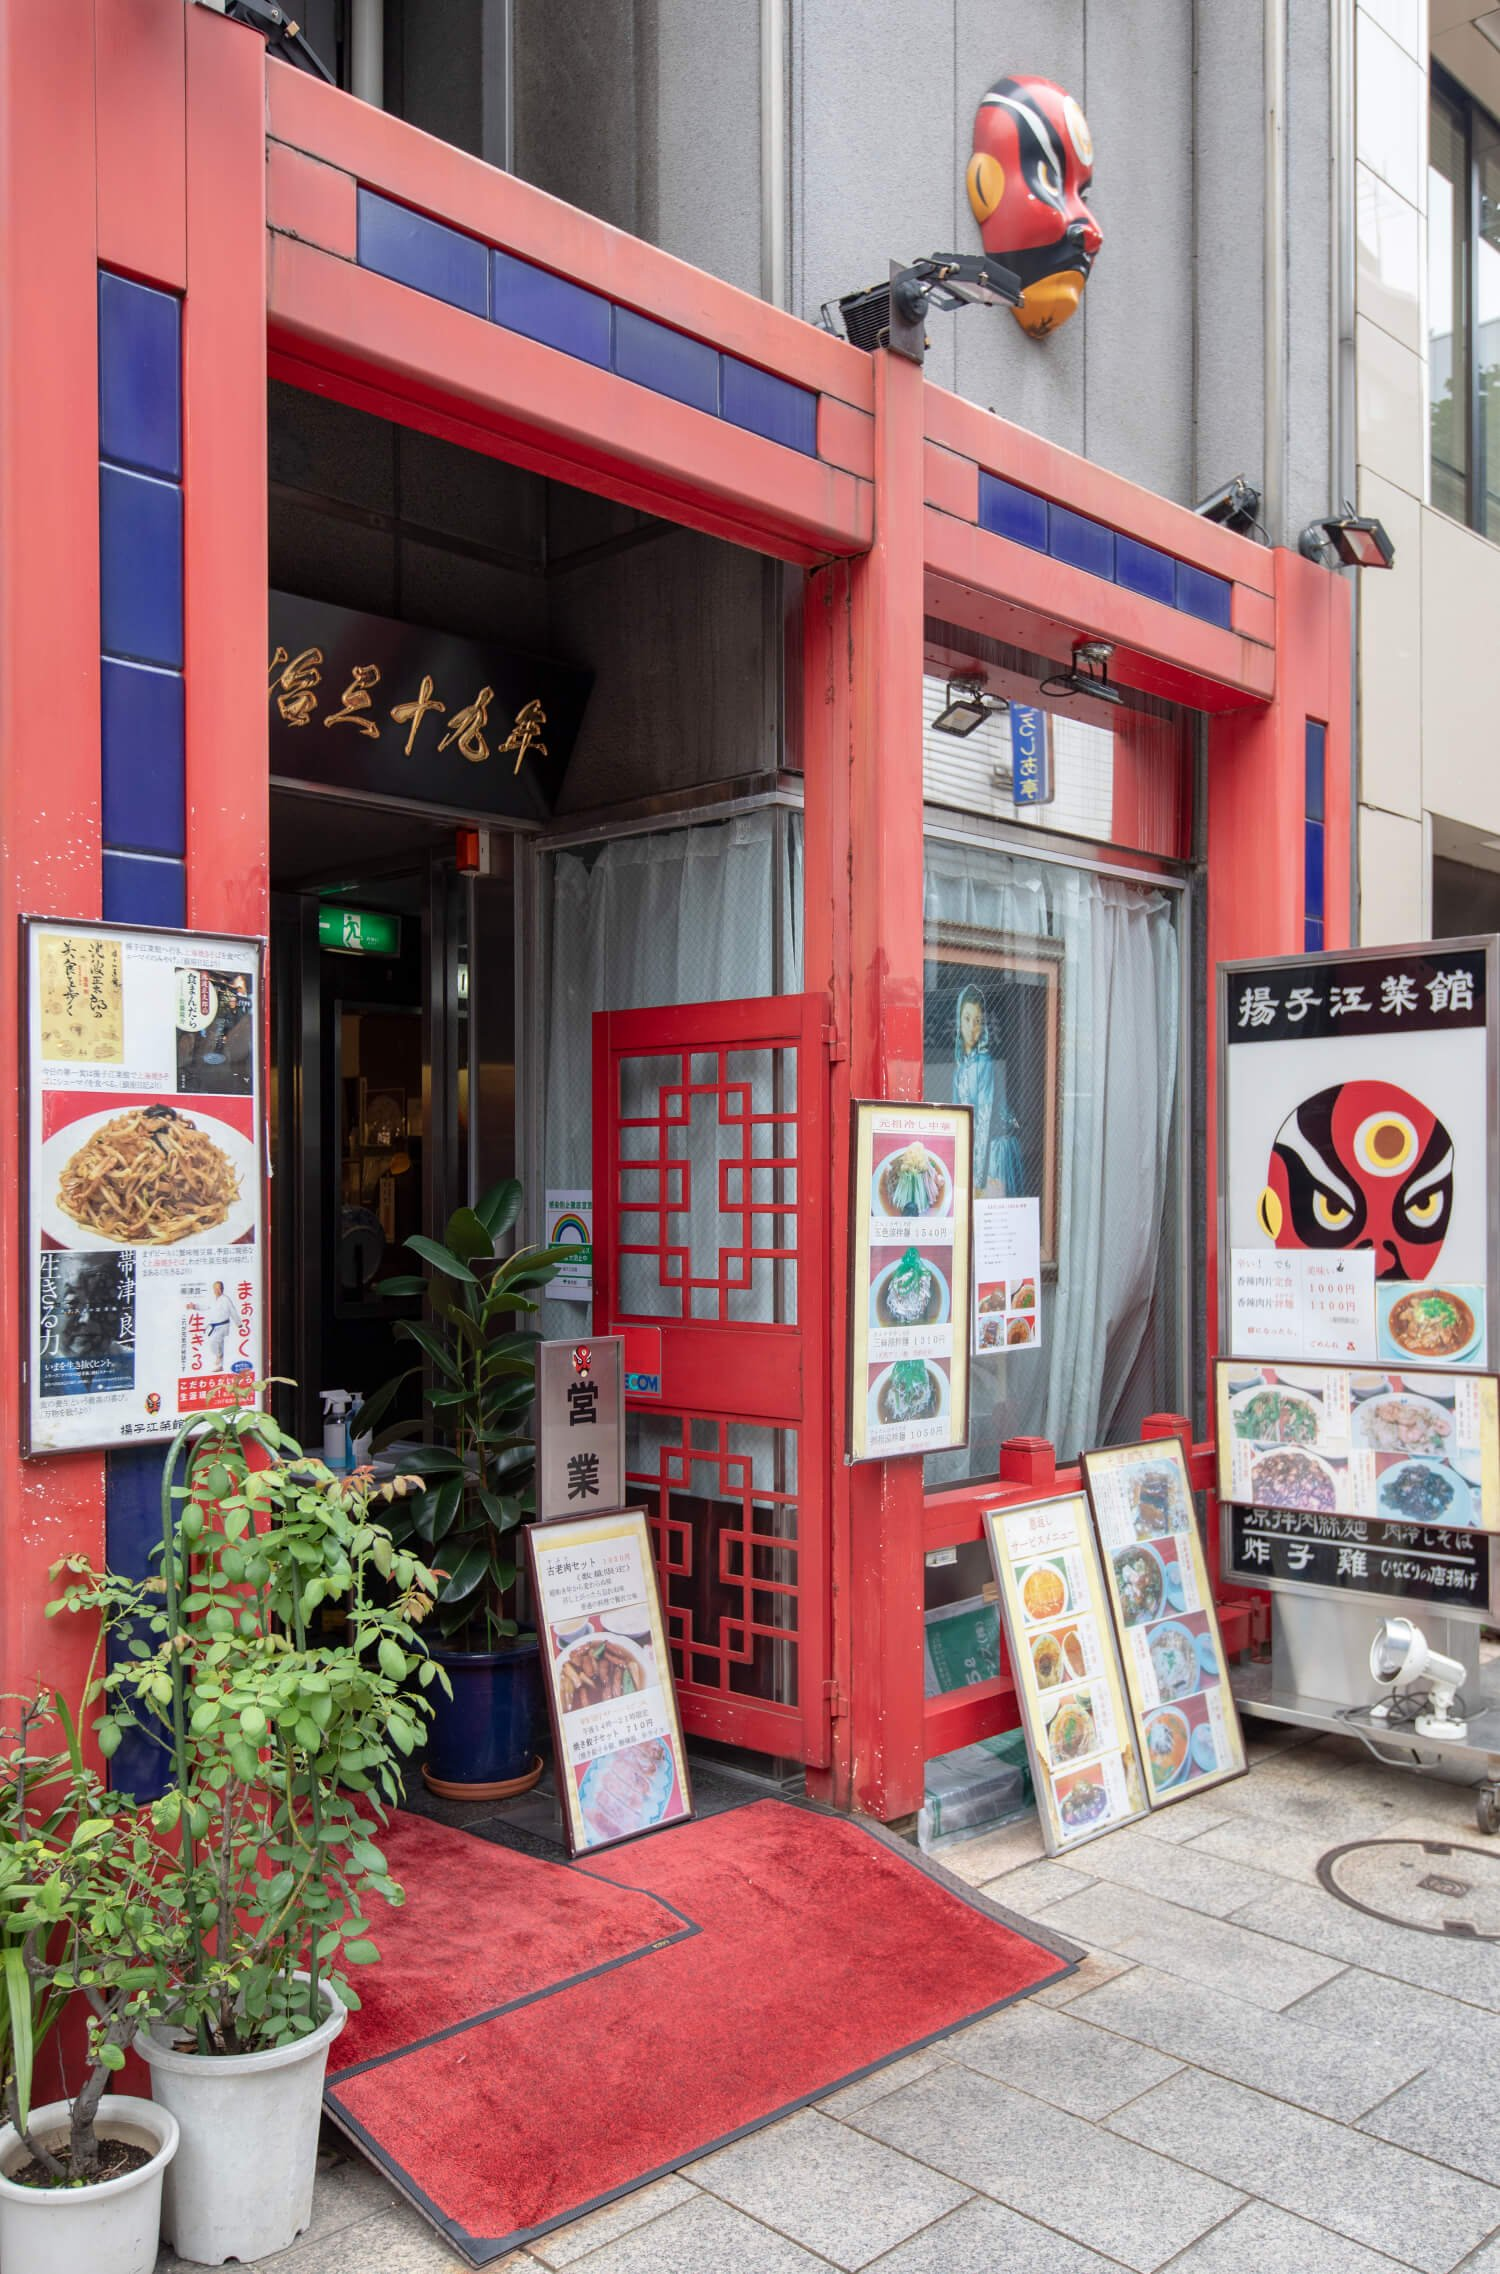 赤色が目を引く入り口。店のシンボルである京劇のお面があちこちに。